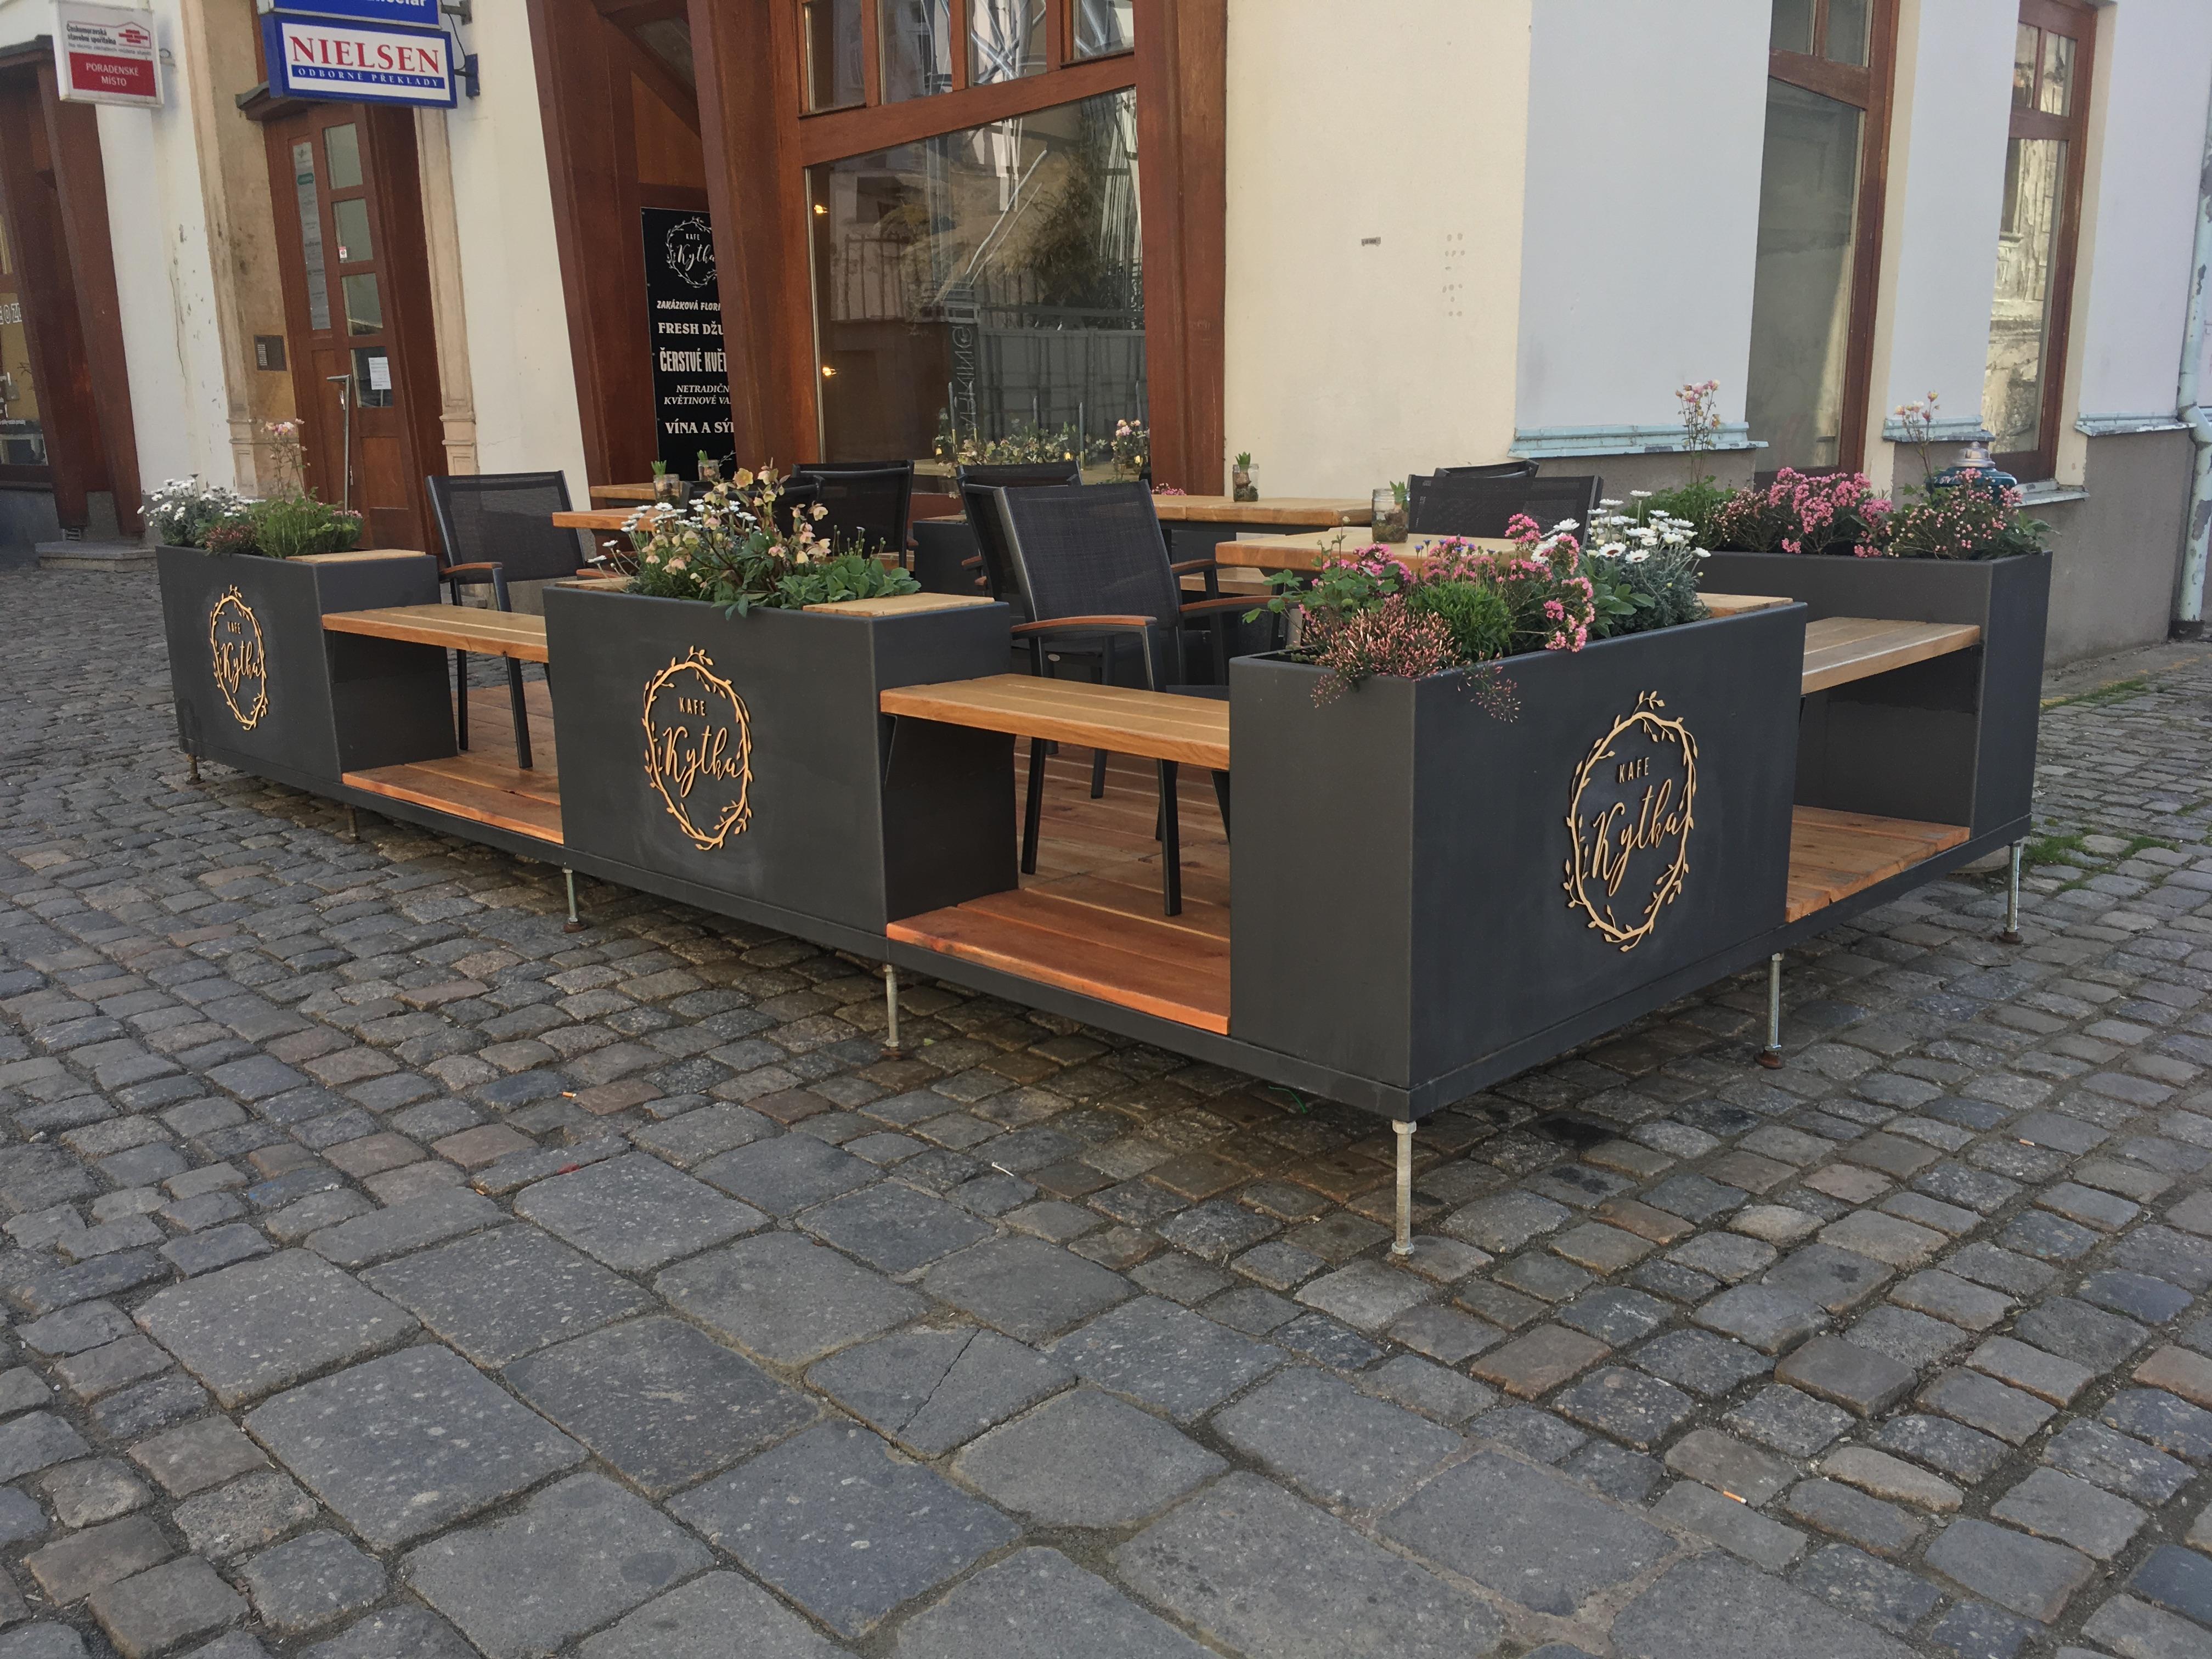 Dřevěná loga pro zahrádku kafe kytka